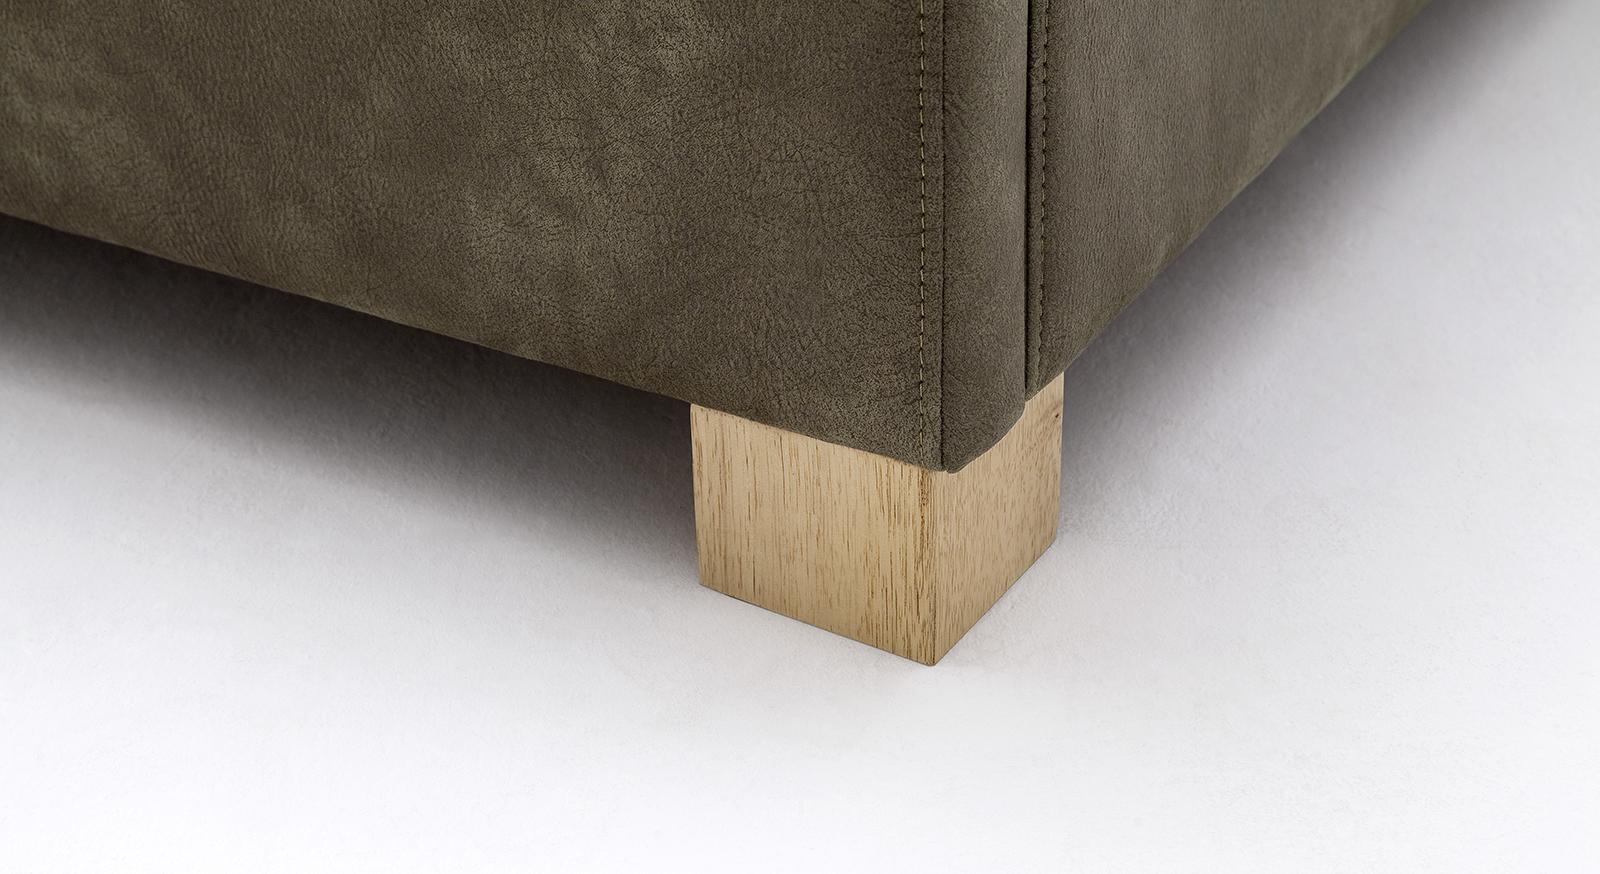 Bett Surin mit massiven Füßen aus Eichenholz